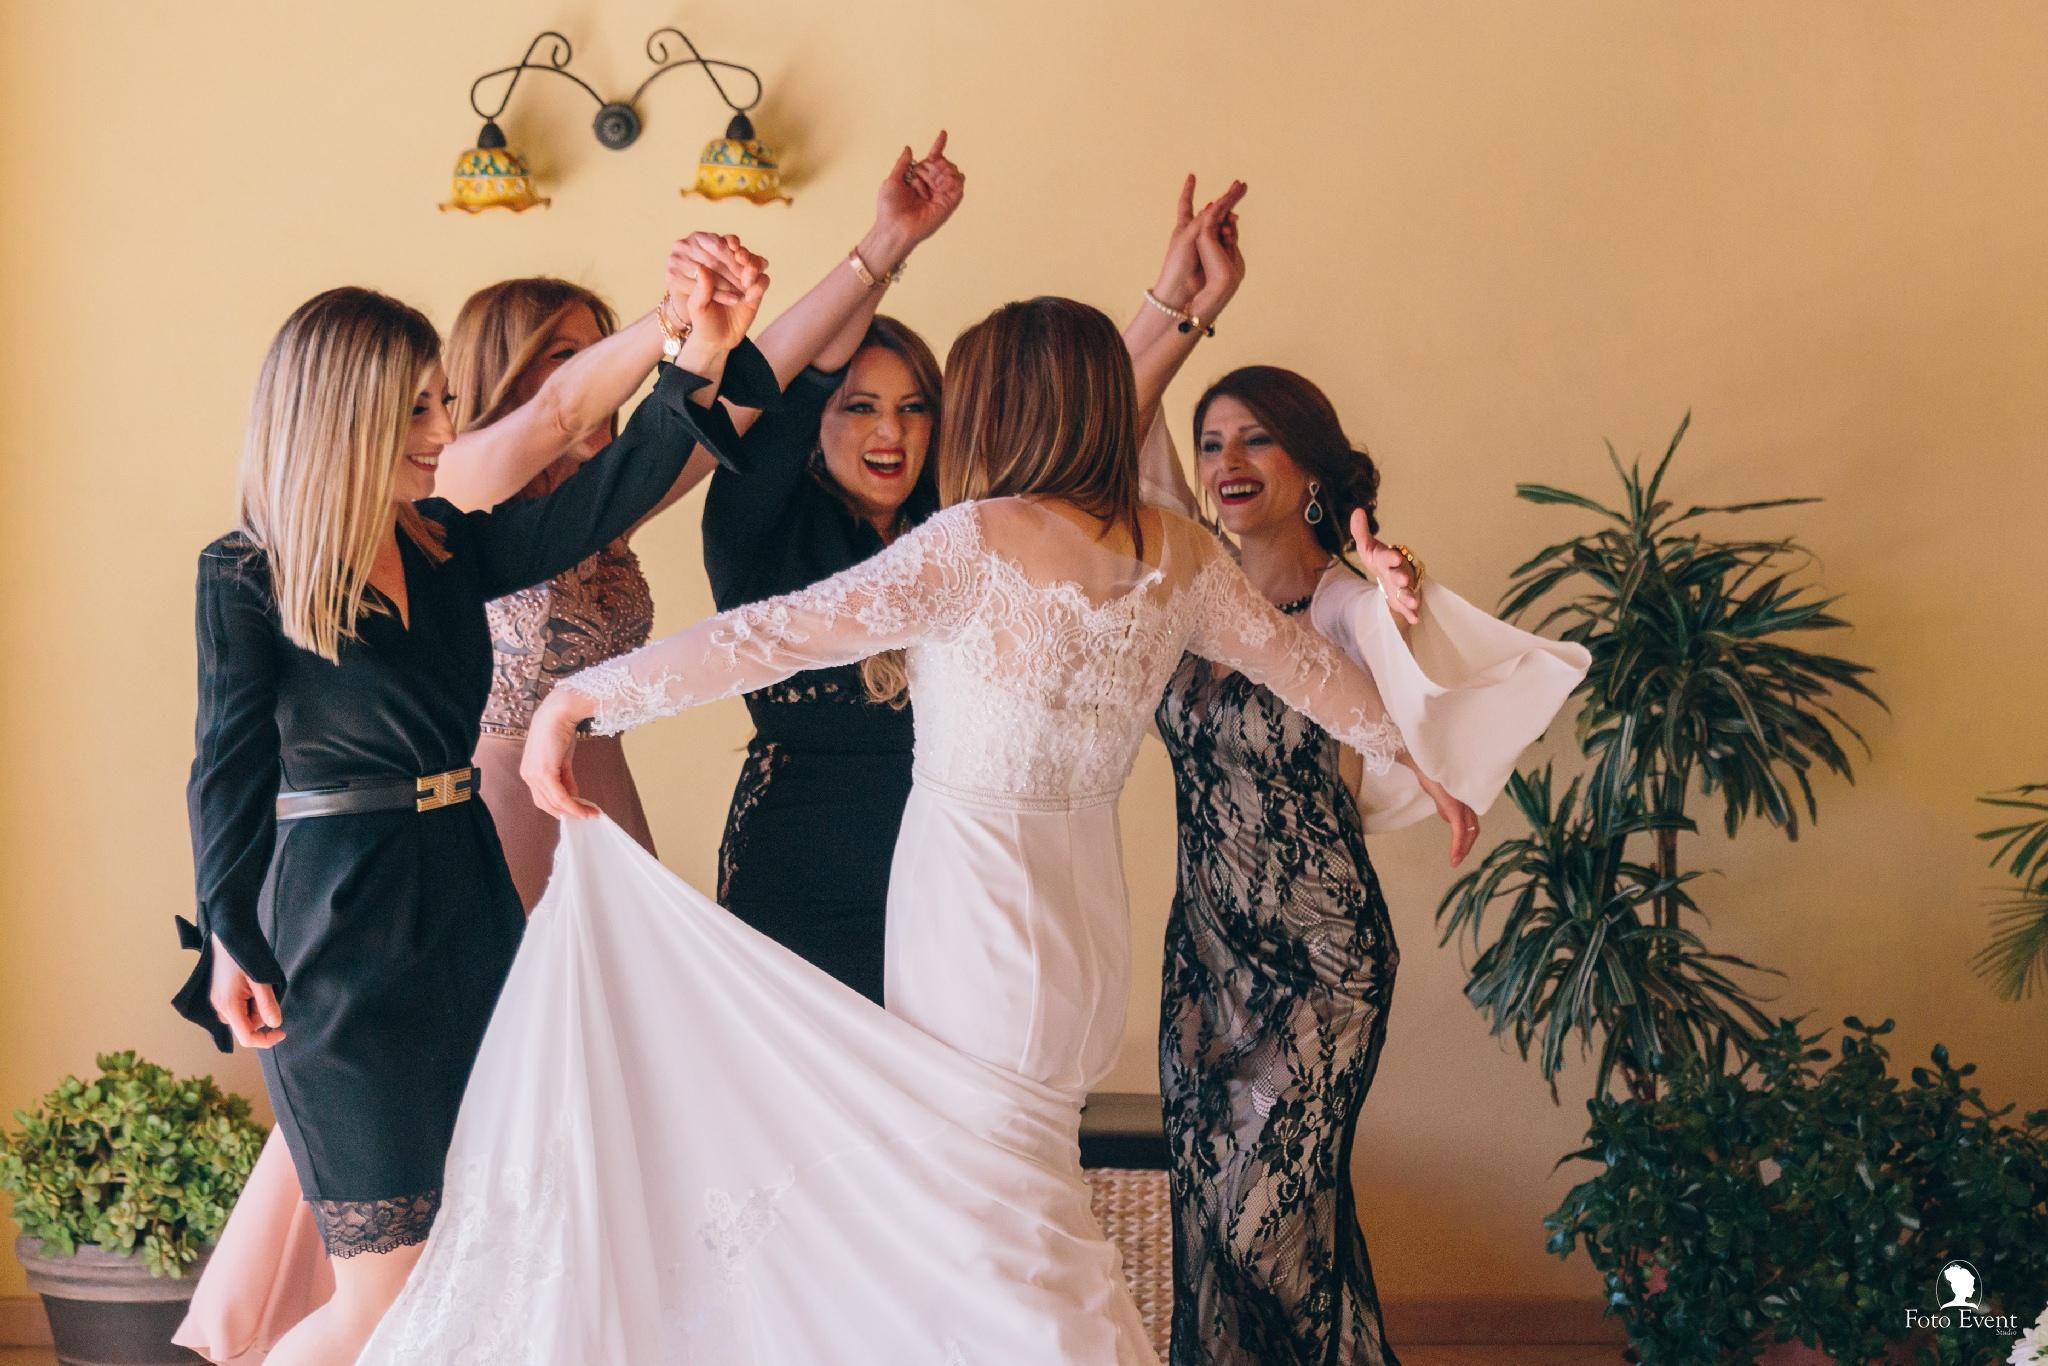 298-2019-05-09-Matrimonio-Maria-Concetta-e-Daniel-Gebbia-5DE-676